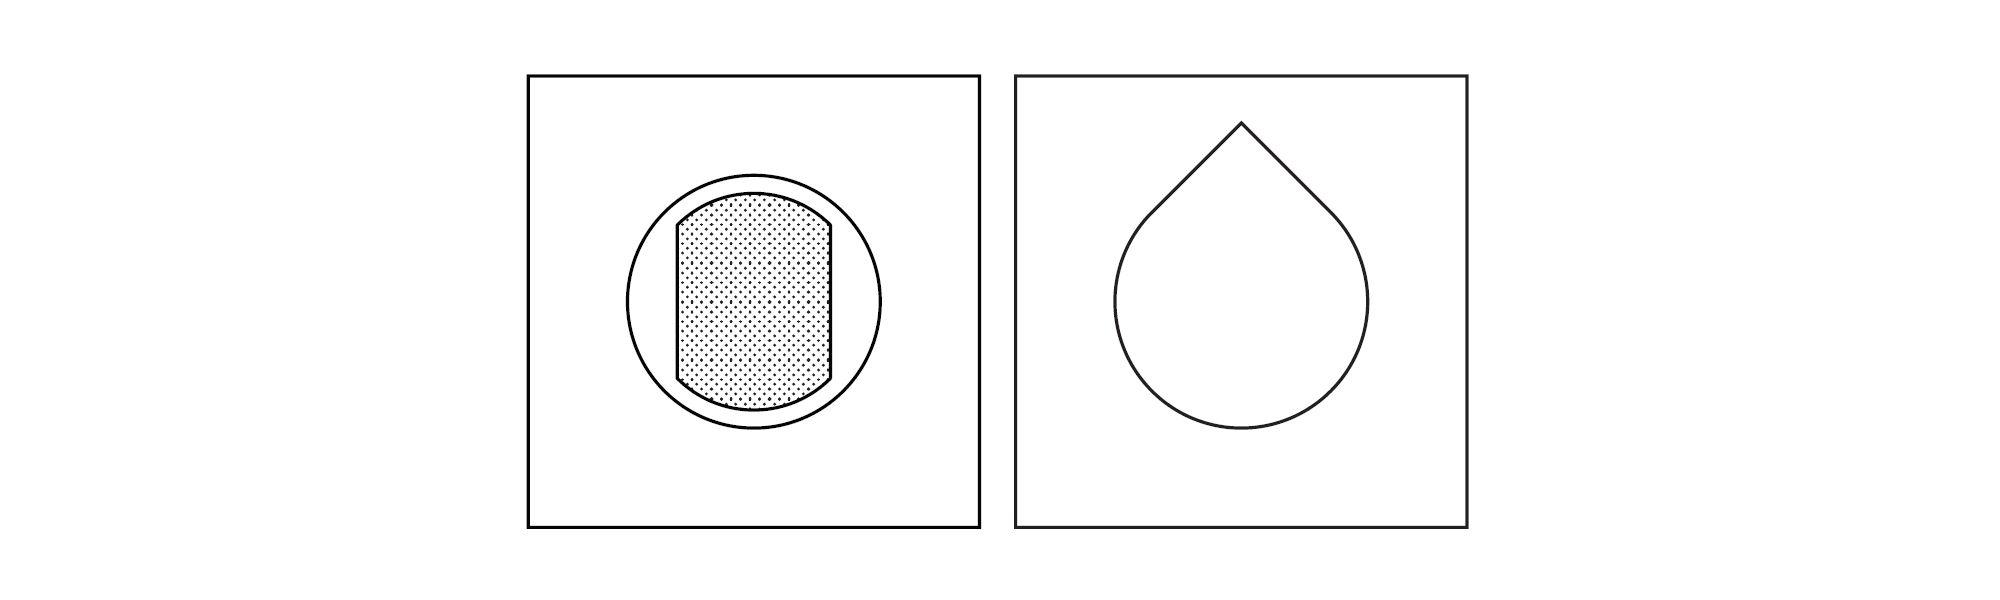 Design_guide_02